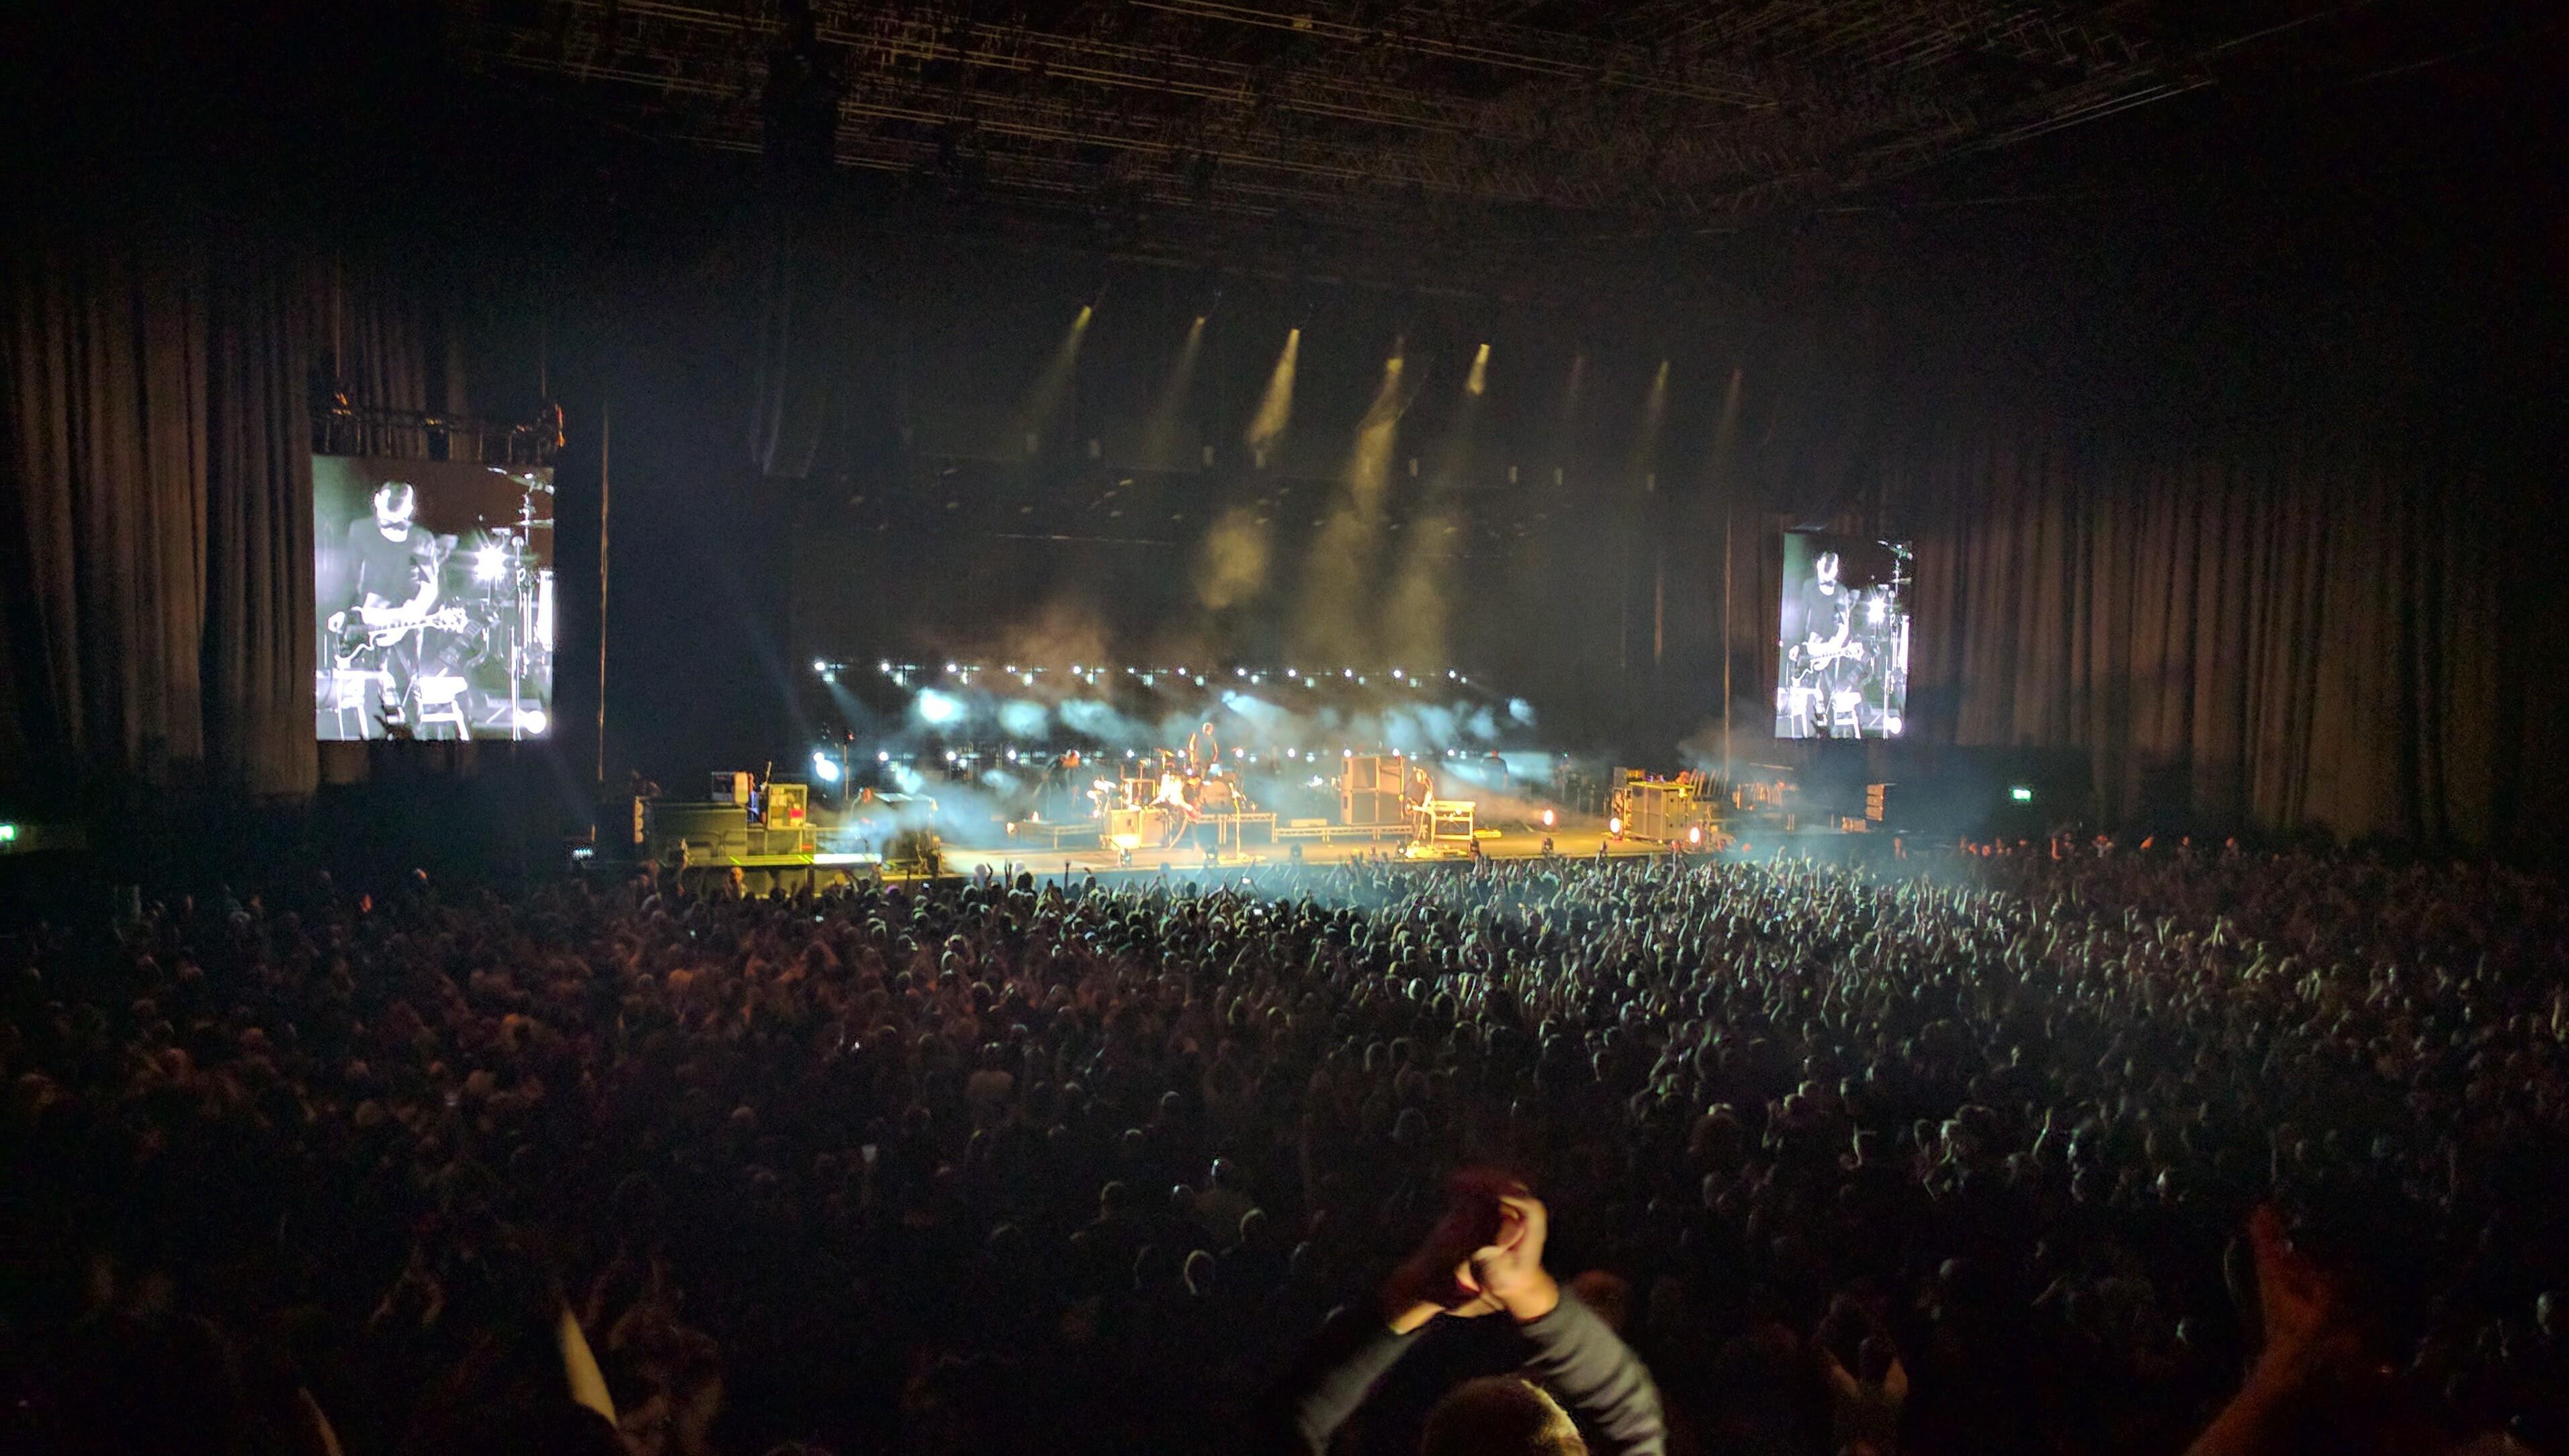 Arena Birmingham Section Block 08 Row S Seat 305